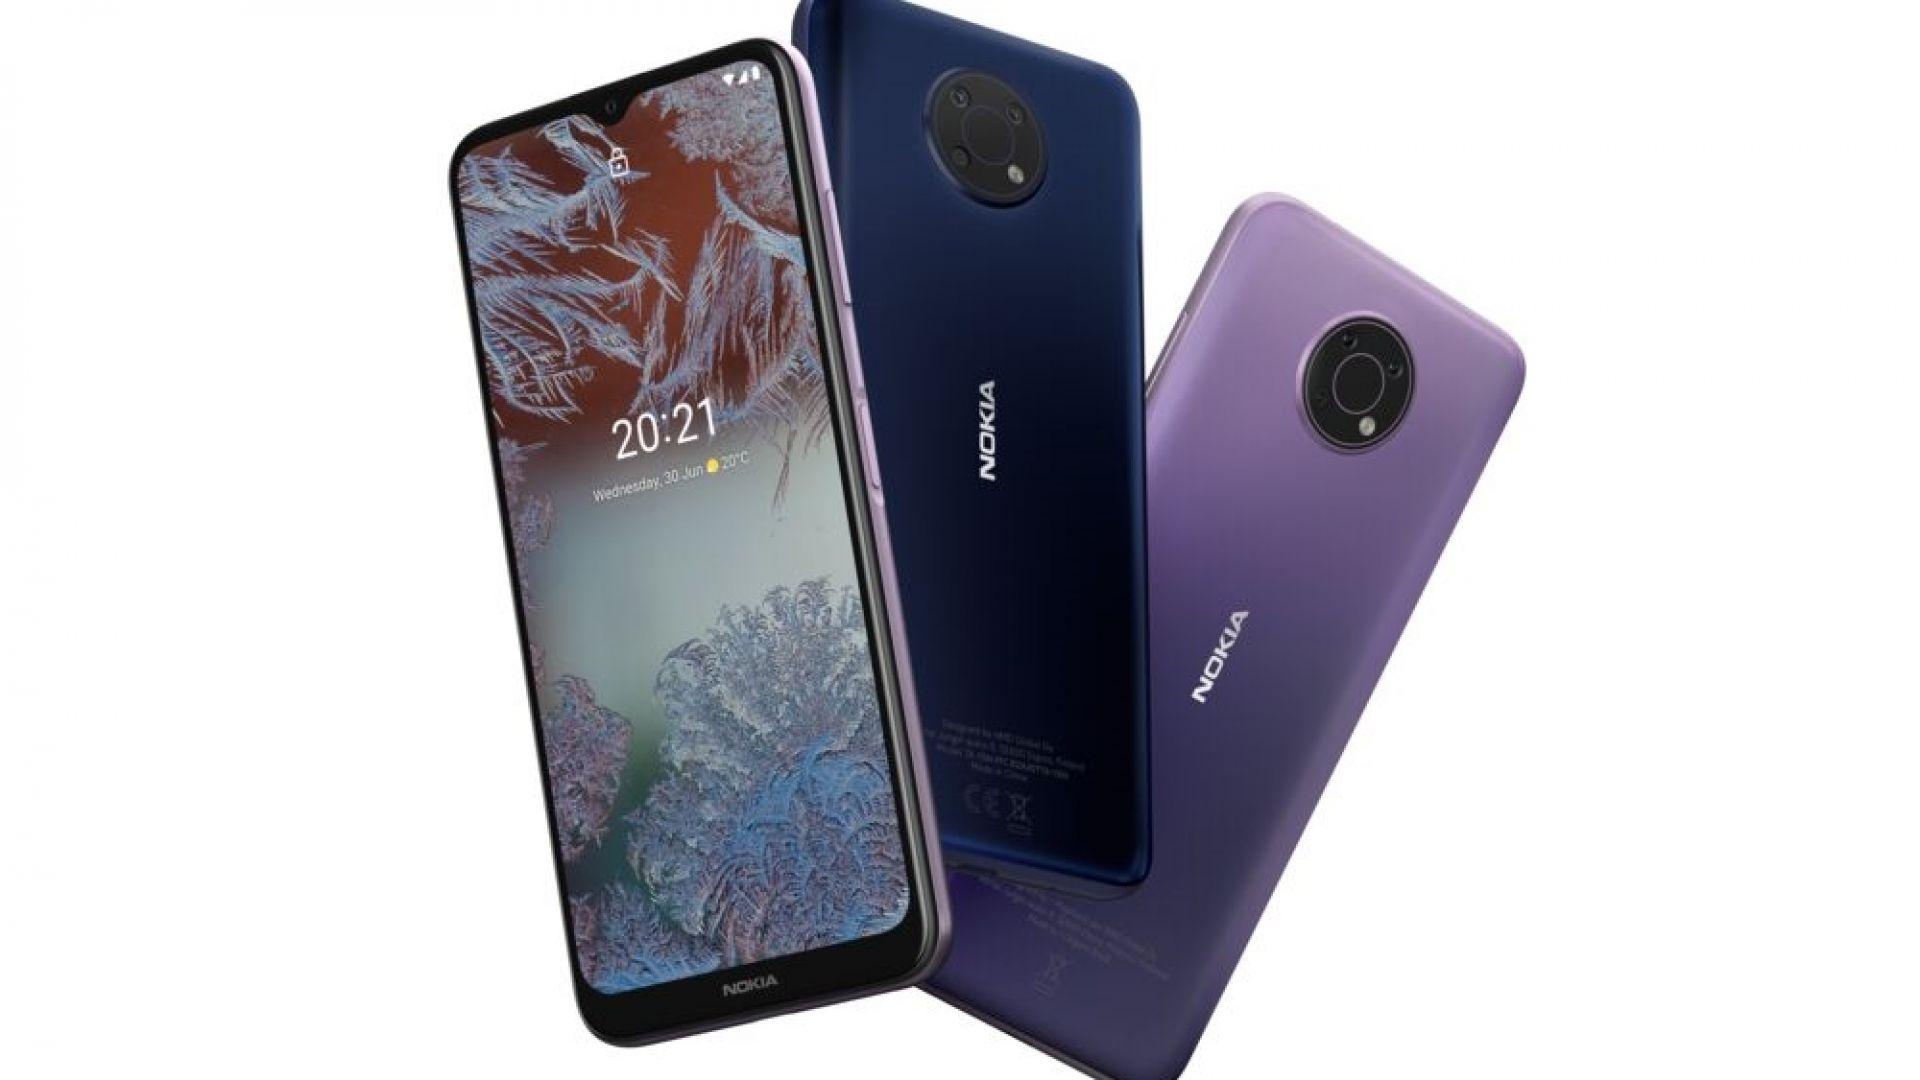 Първият от представените нови смартфони Nokia е вече в България